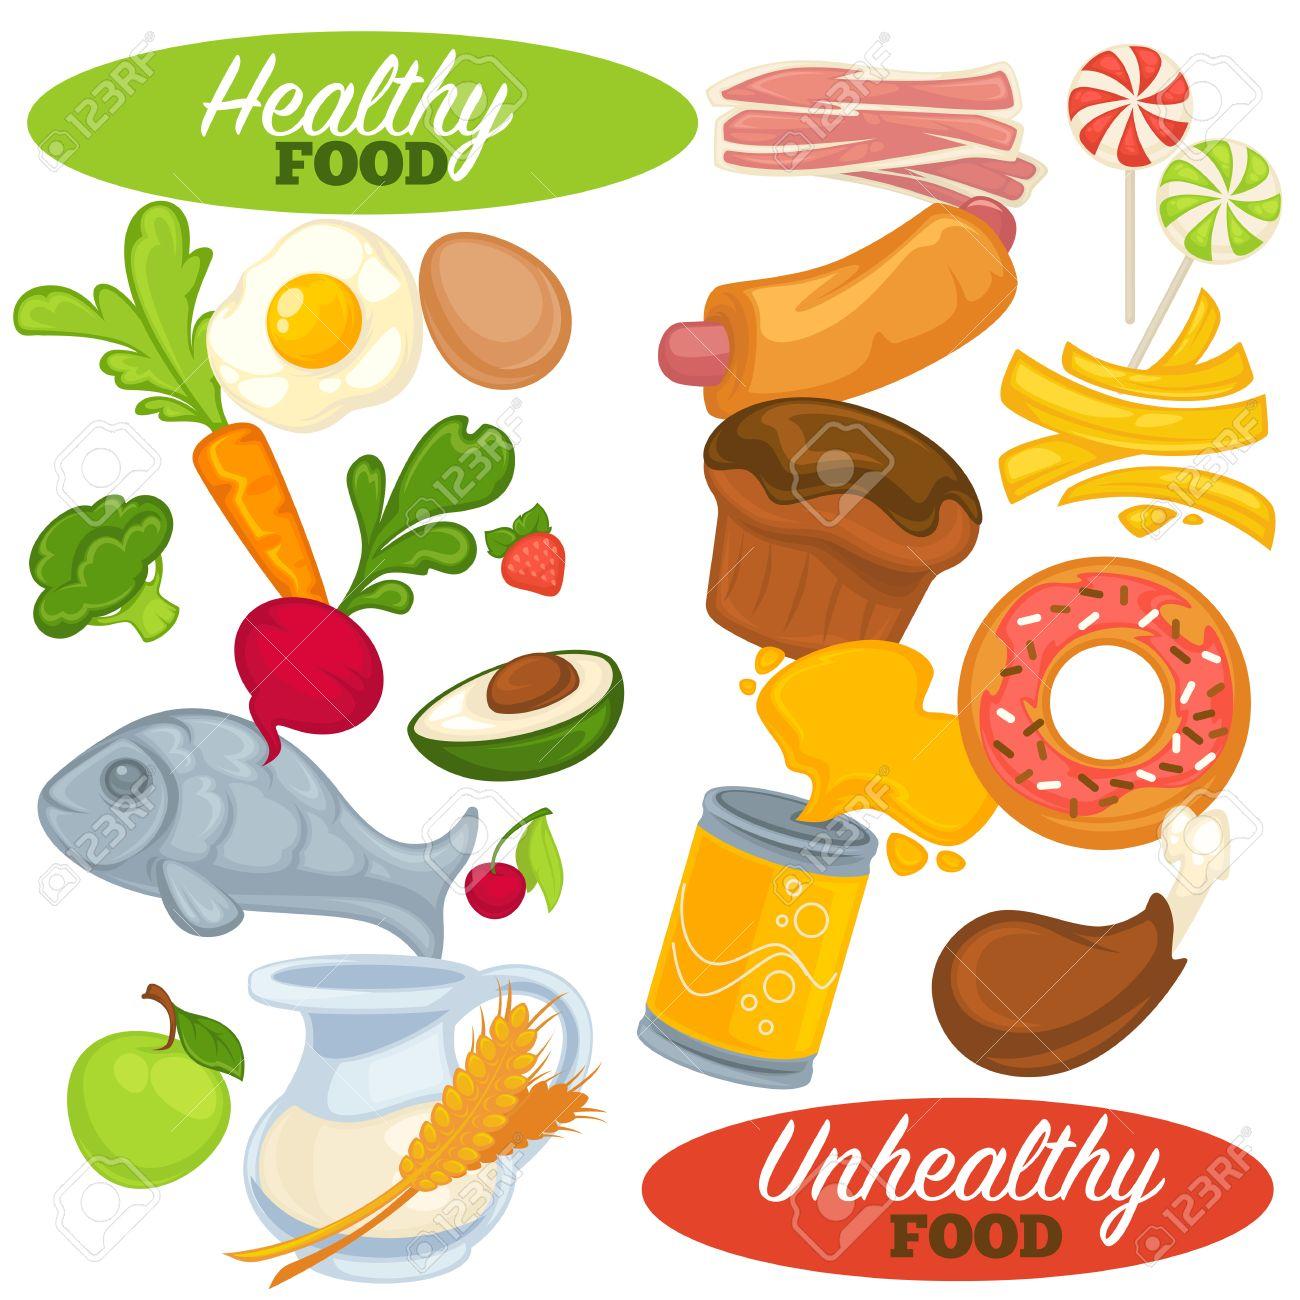 Conjunto De Los Alimentos Saludables Y No Saludables Los Iconos De Rápido Y La Comida Chatarra La Alimentación Fresca Y Natural Las Frutas Y Verduras Hamburguesas Y Refrescos Estilo De Dibujos Animados